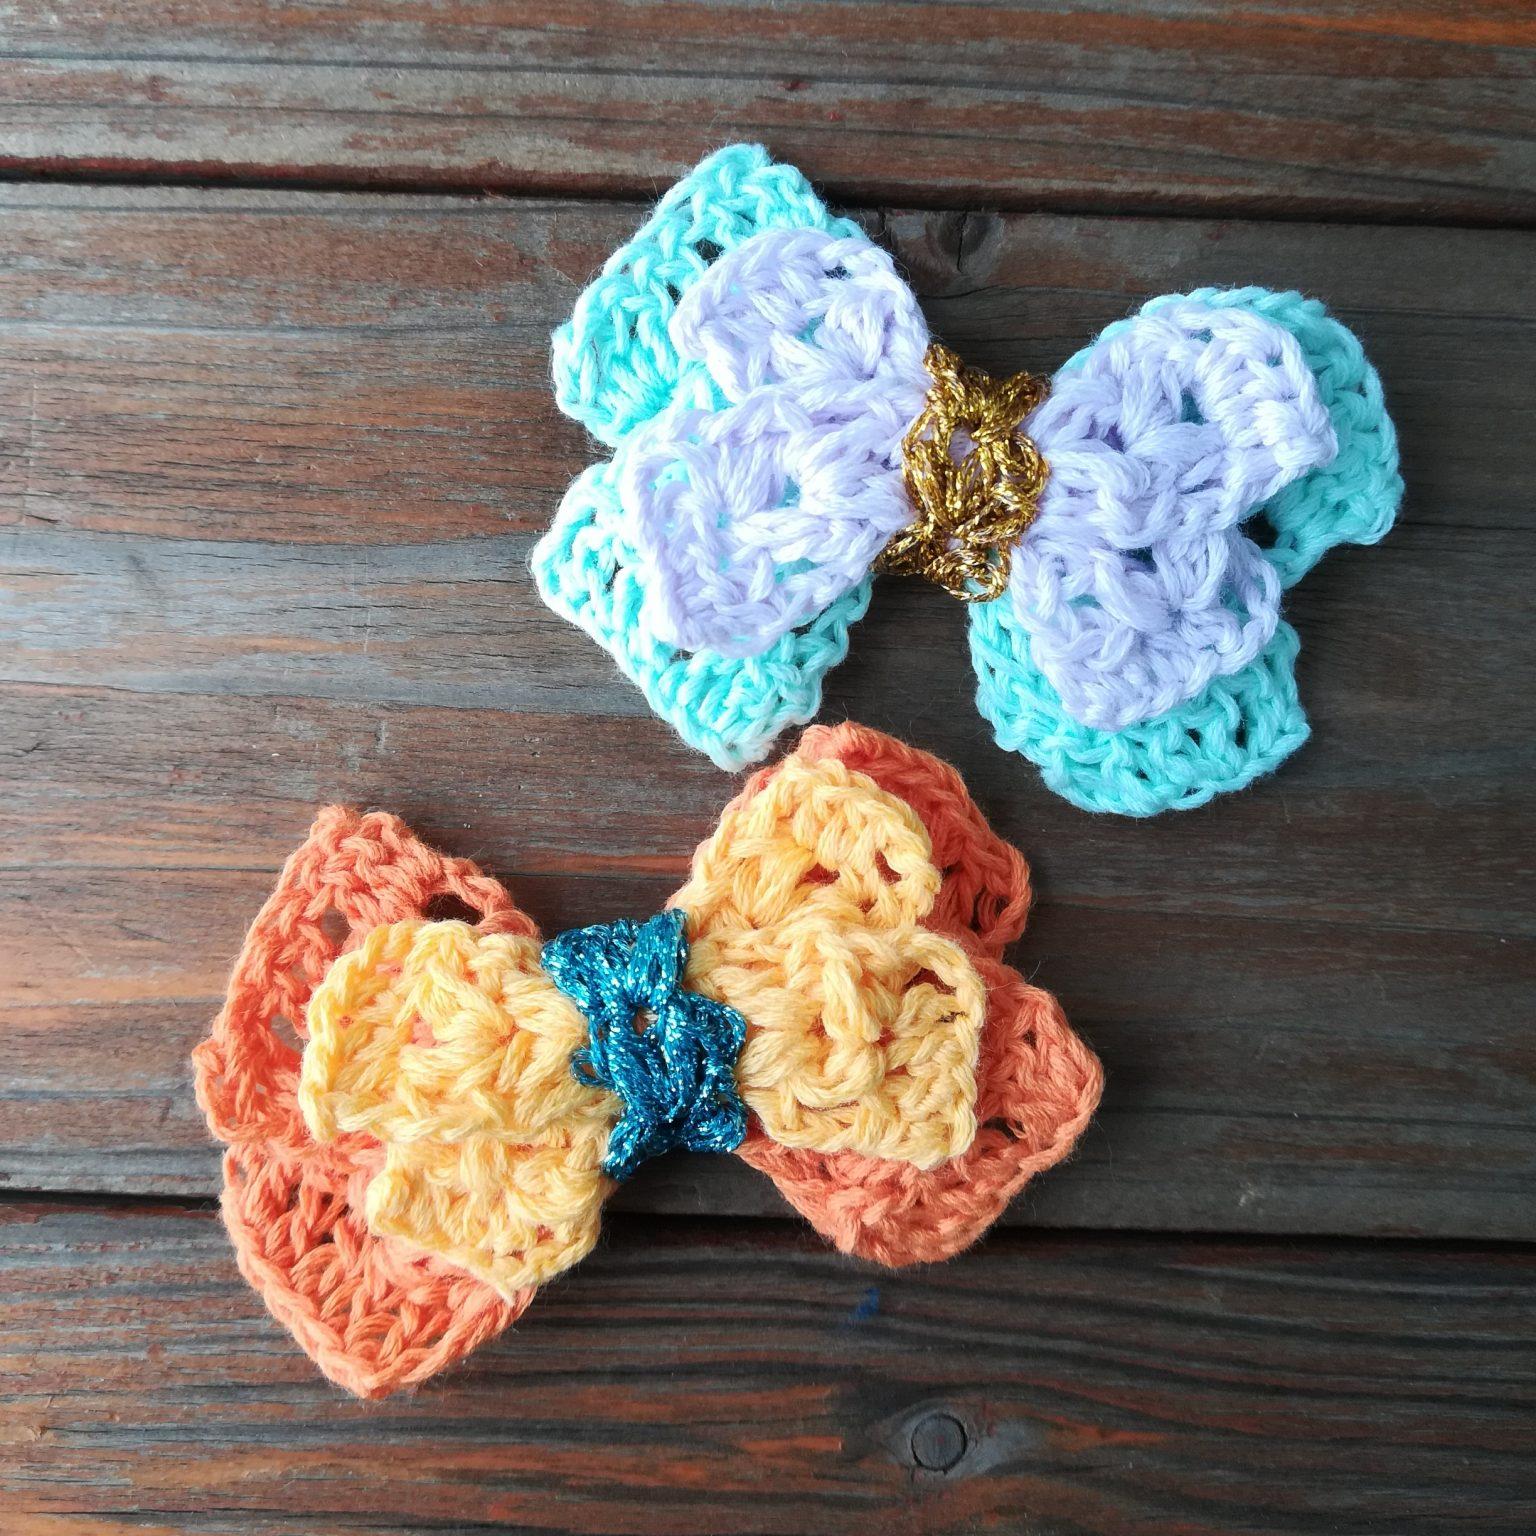 刺繍糸でかぎ針編み「バレンタインデーにも「リボン」」の編み方